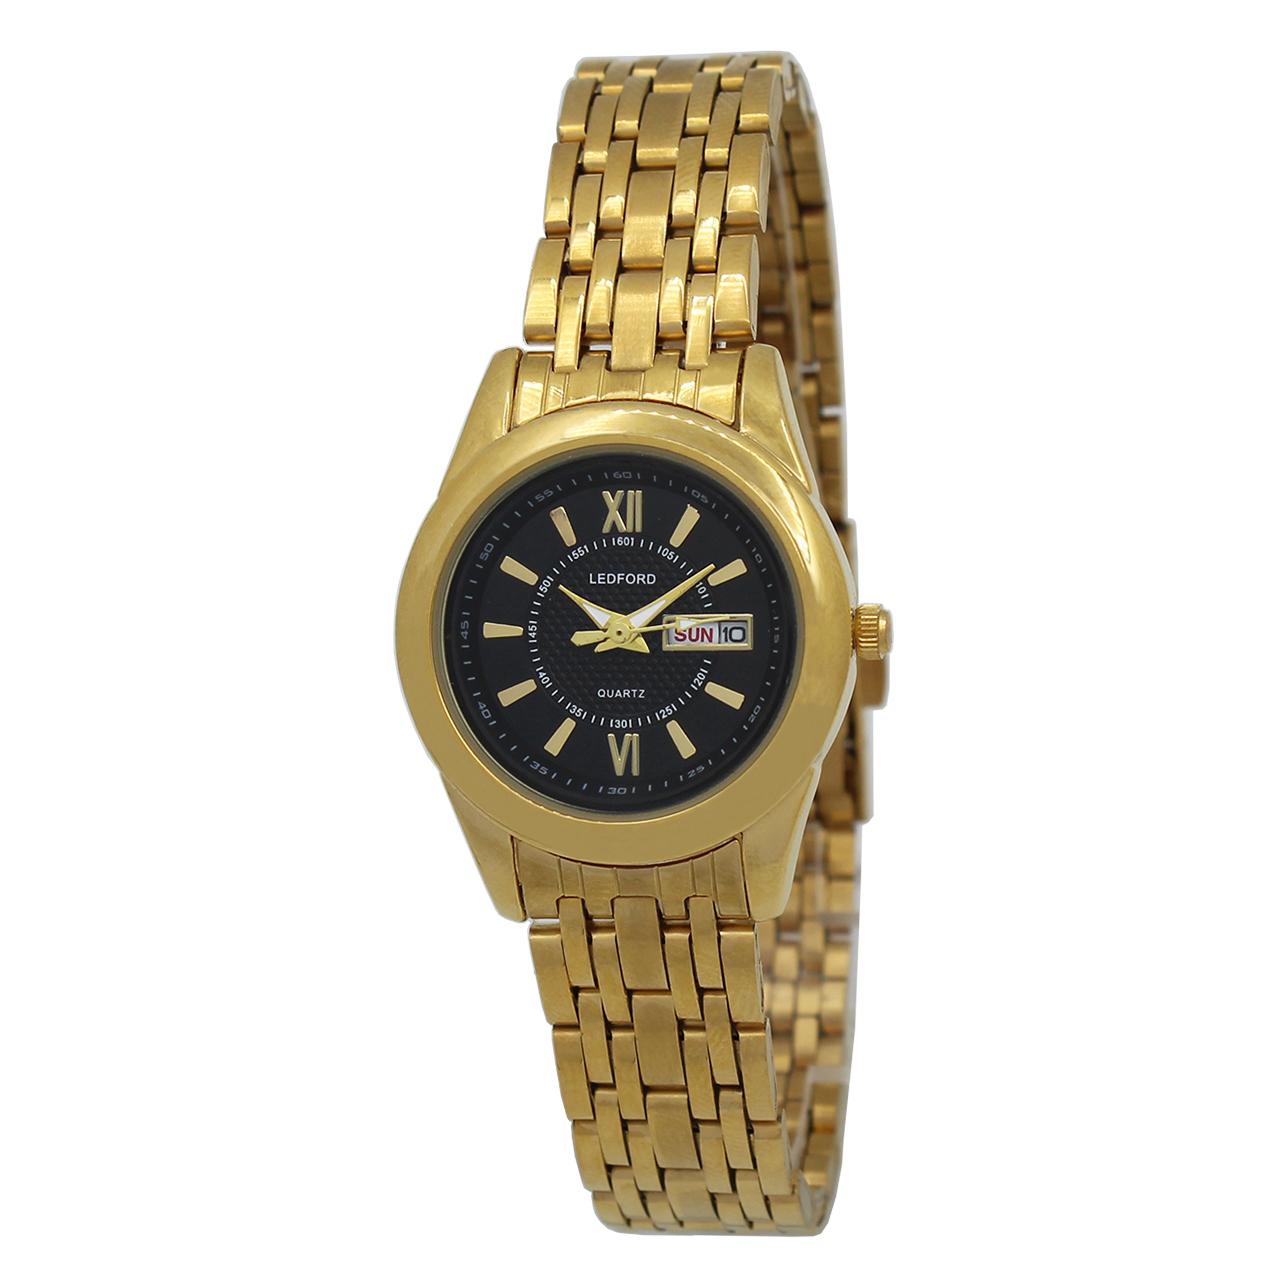 ساعت مچی عقربه ای زنانه لدفورد مدل DGZU-0188